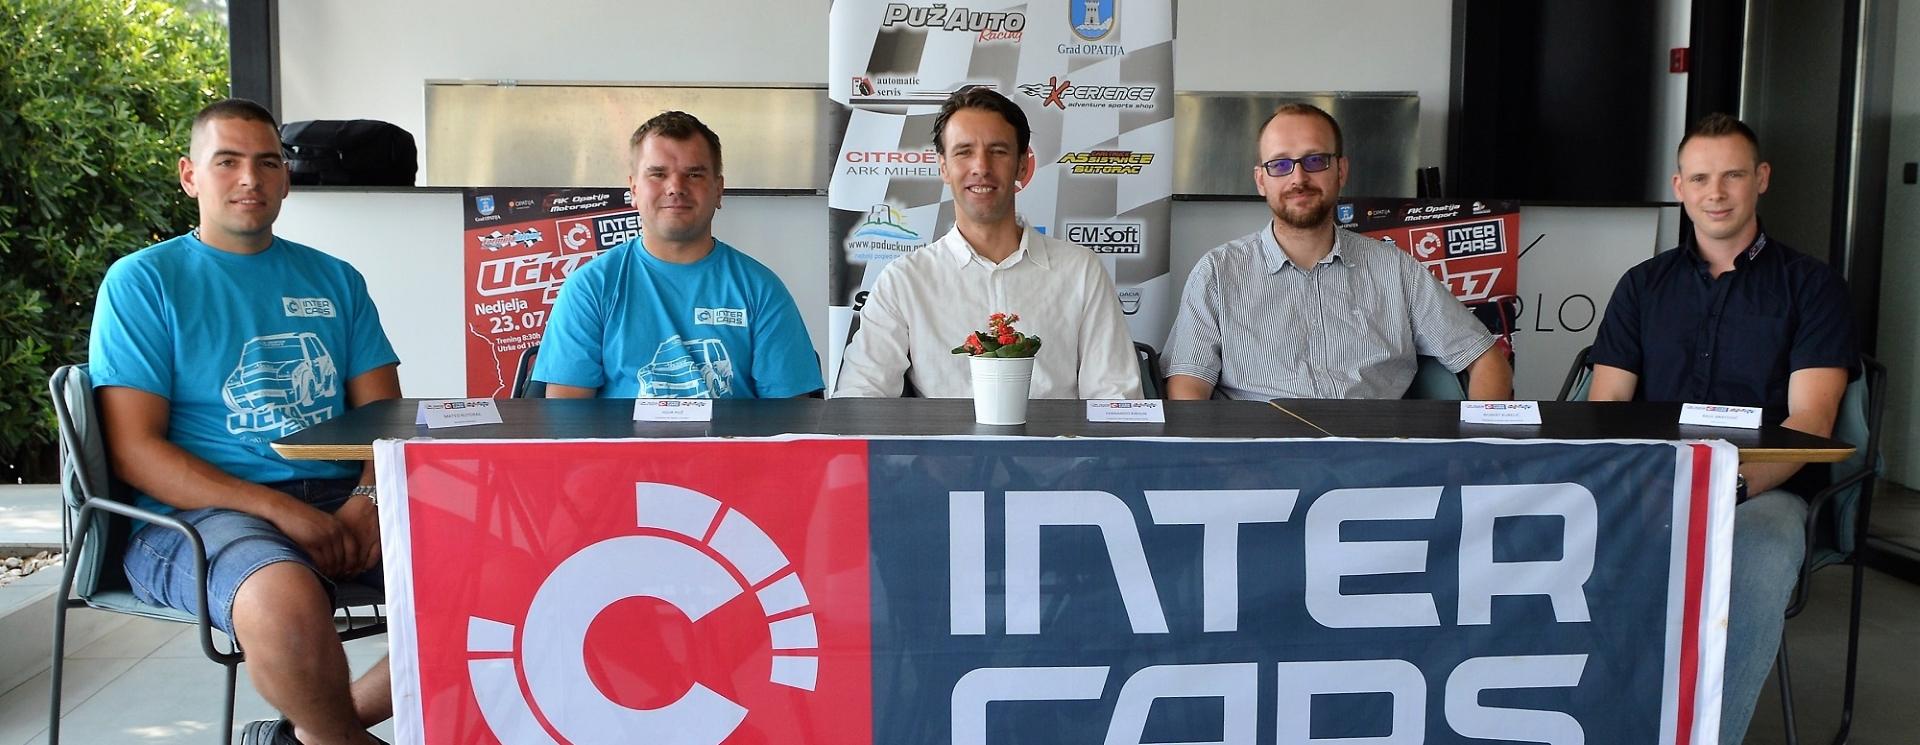 INTER CARS UČKA 2017 Rekordan broj prijava za ovogodišnju utrku